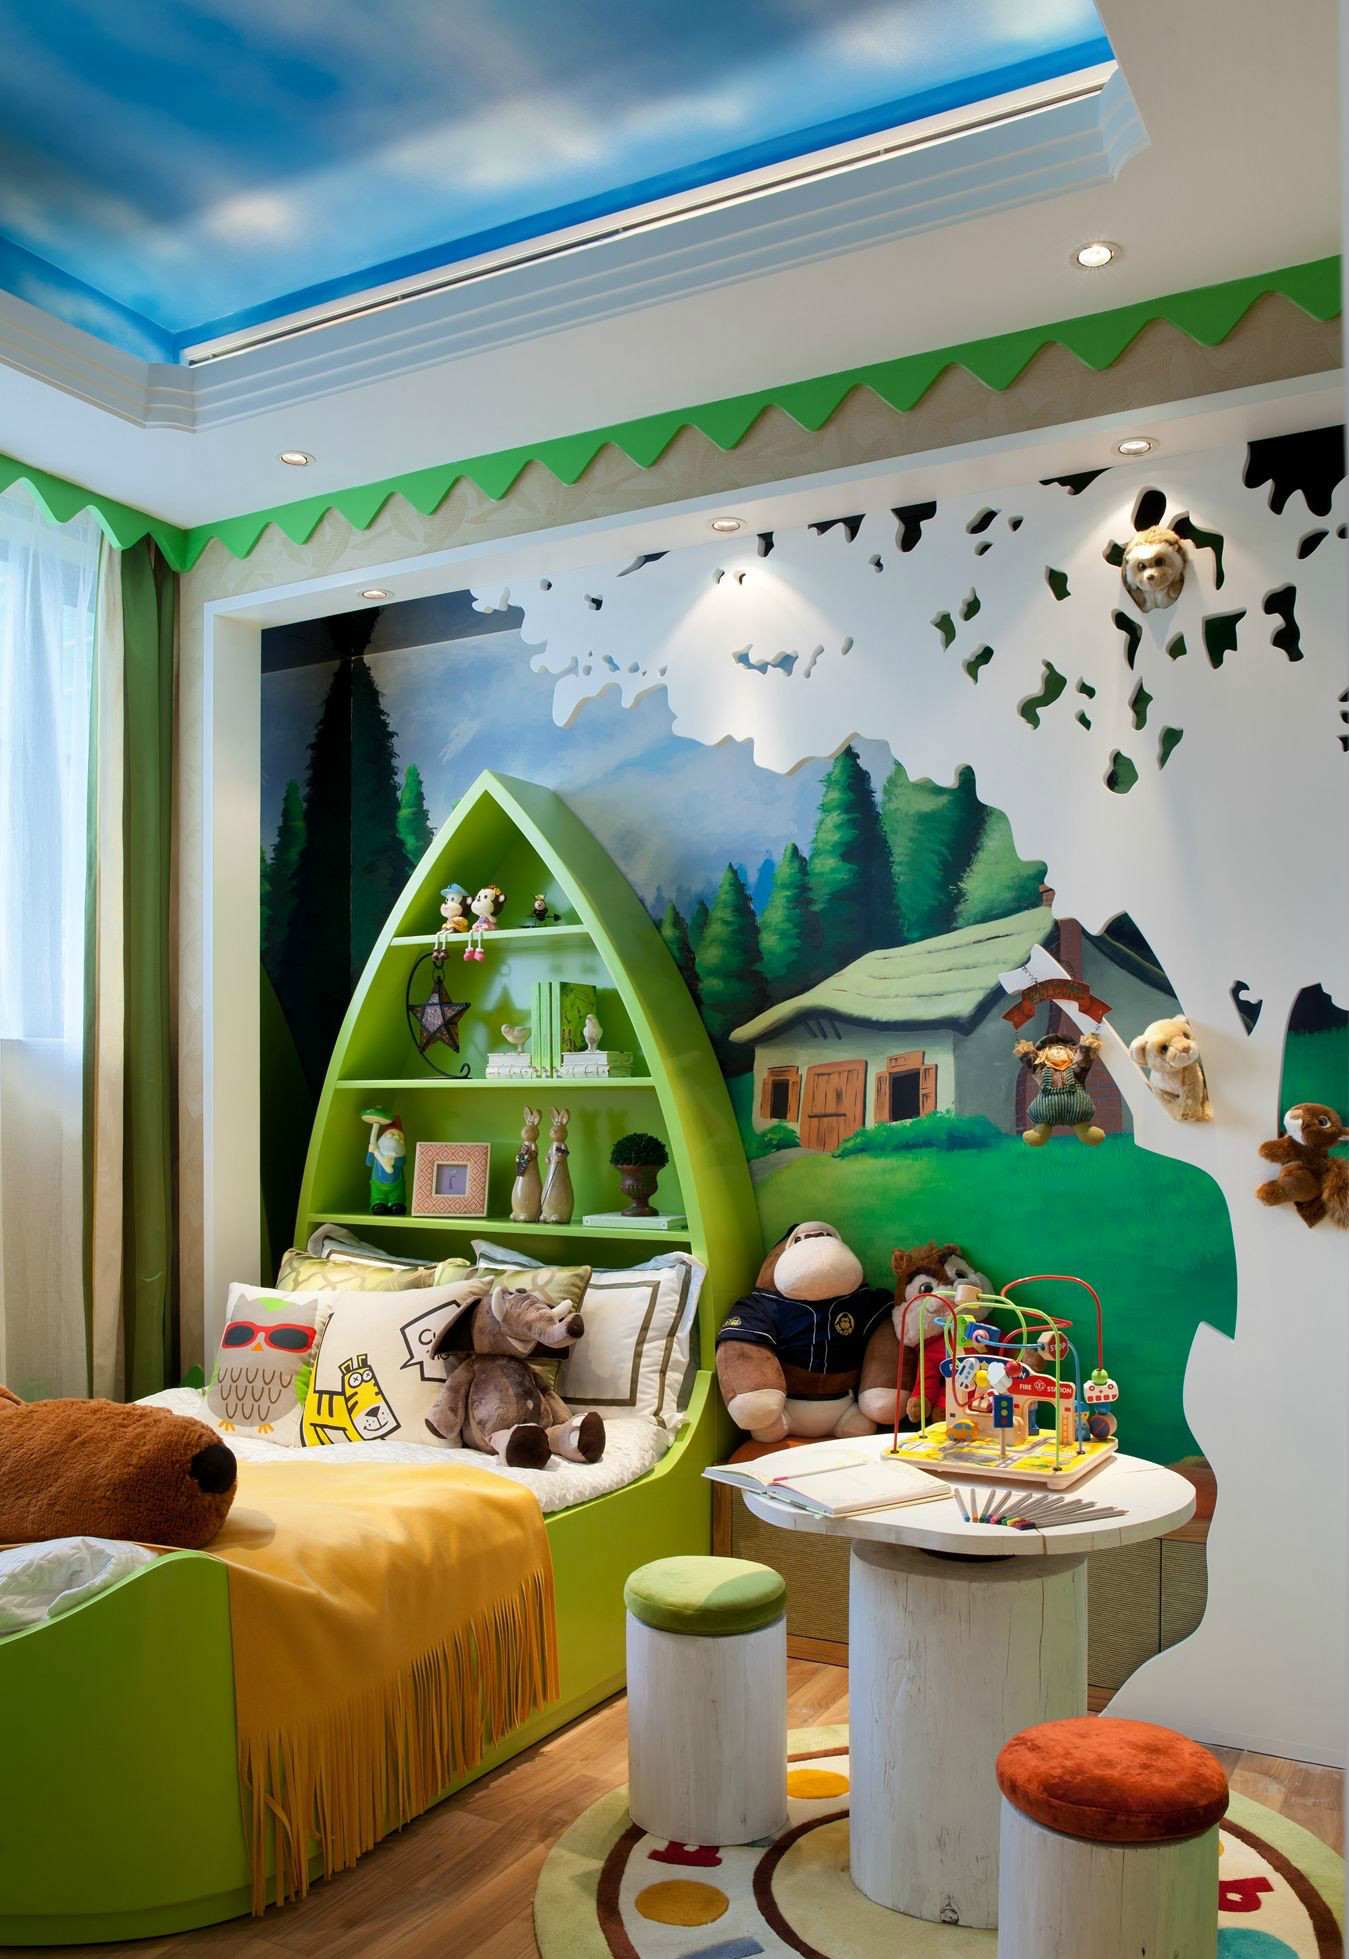 一眼望去儿童房,船型床品搭配、卡通背景墙再搭配蘑菇式小书桌,无不透露着慢慢的活力感。